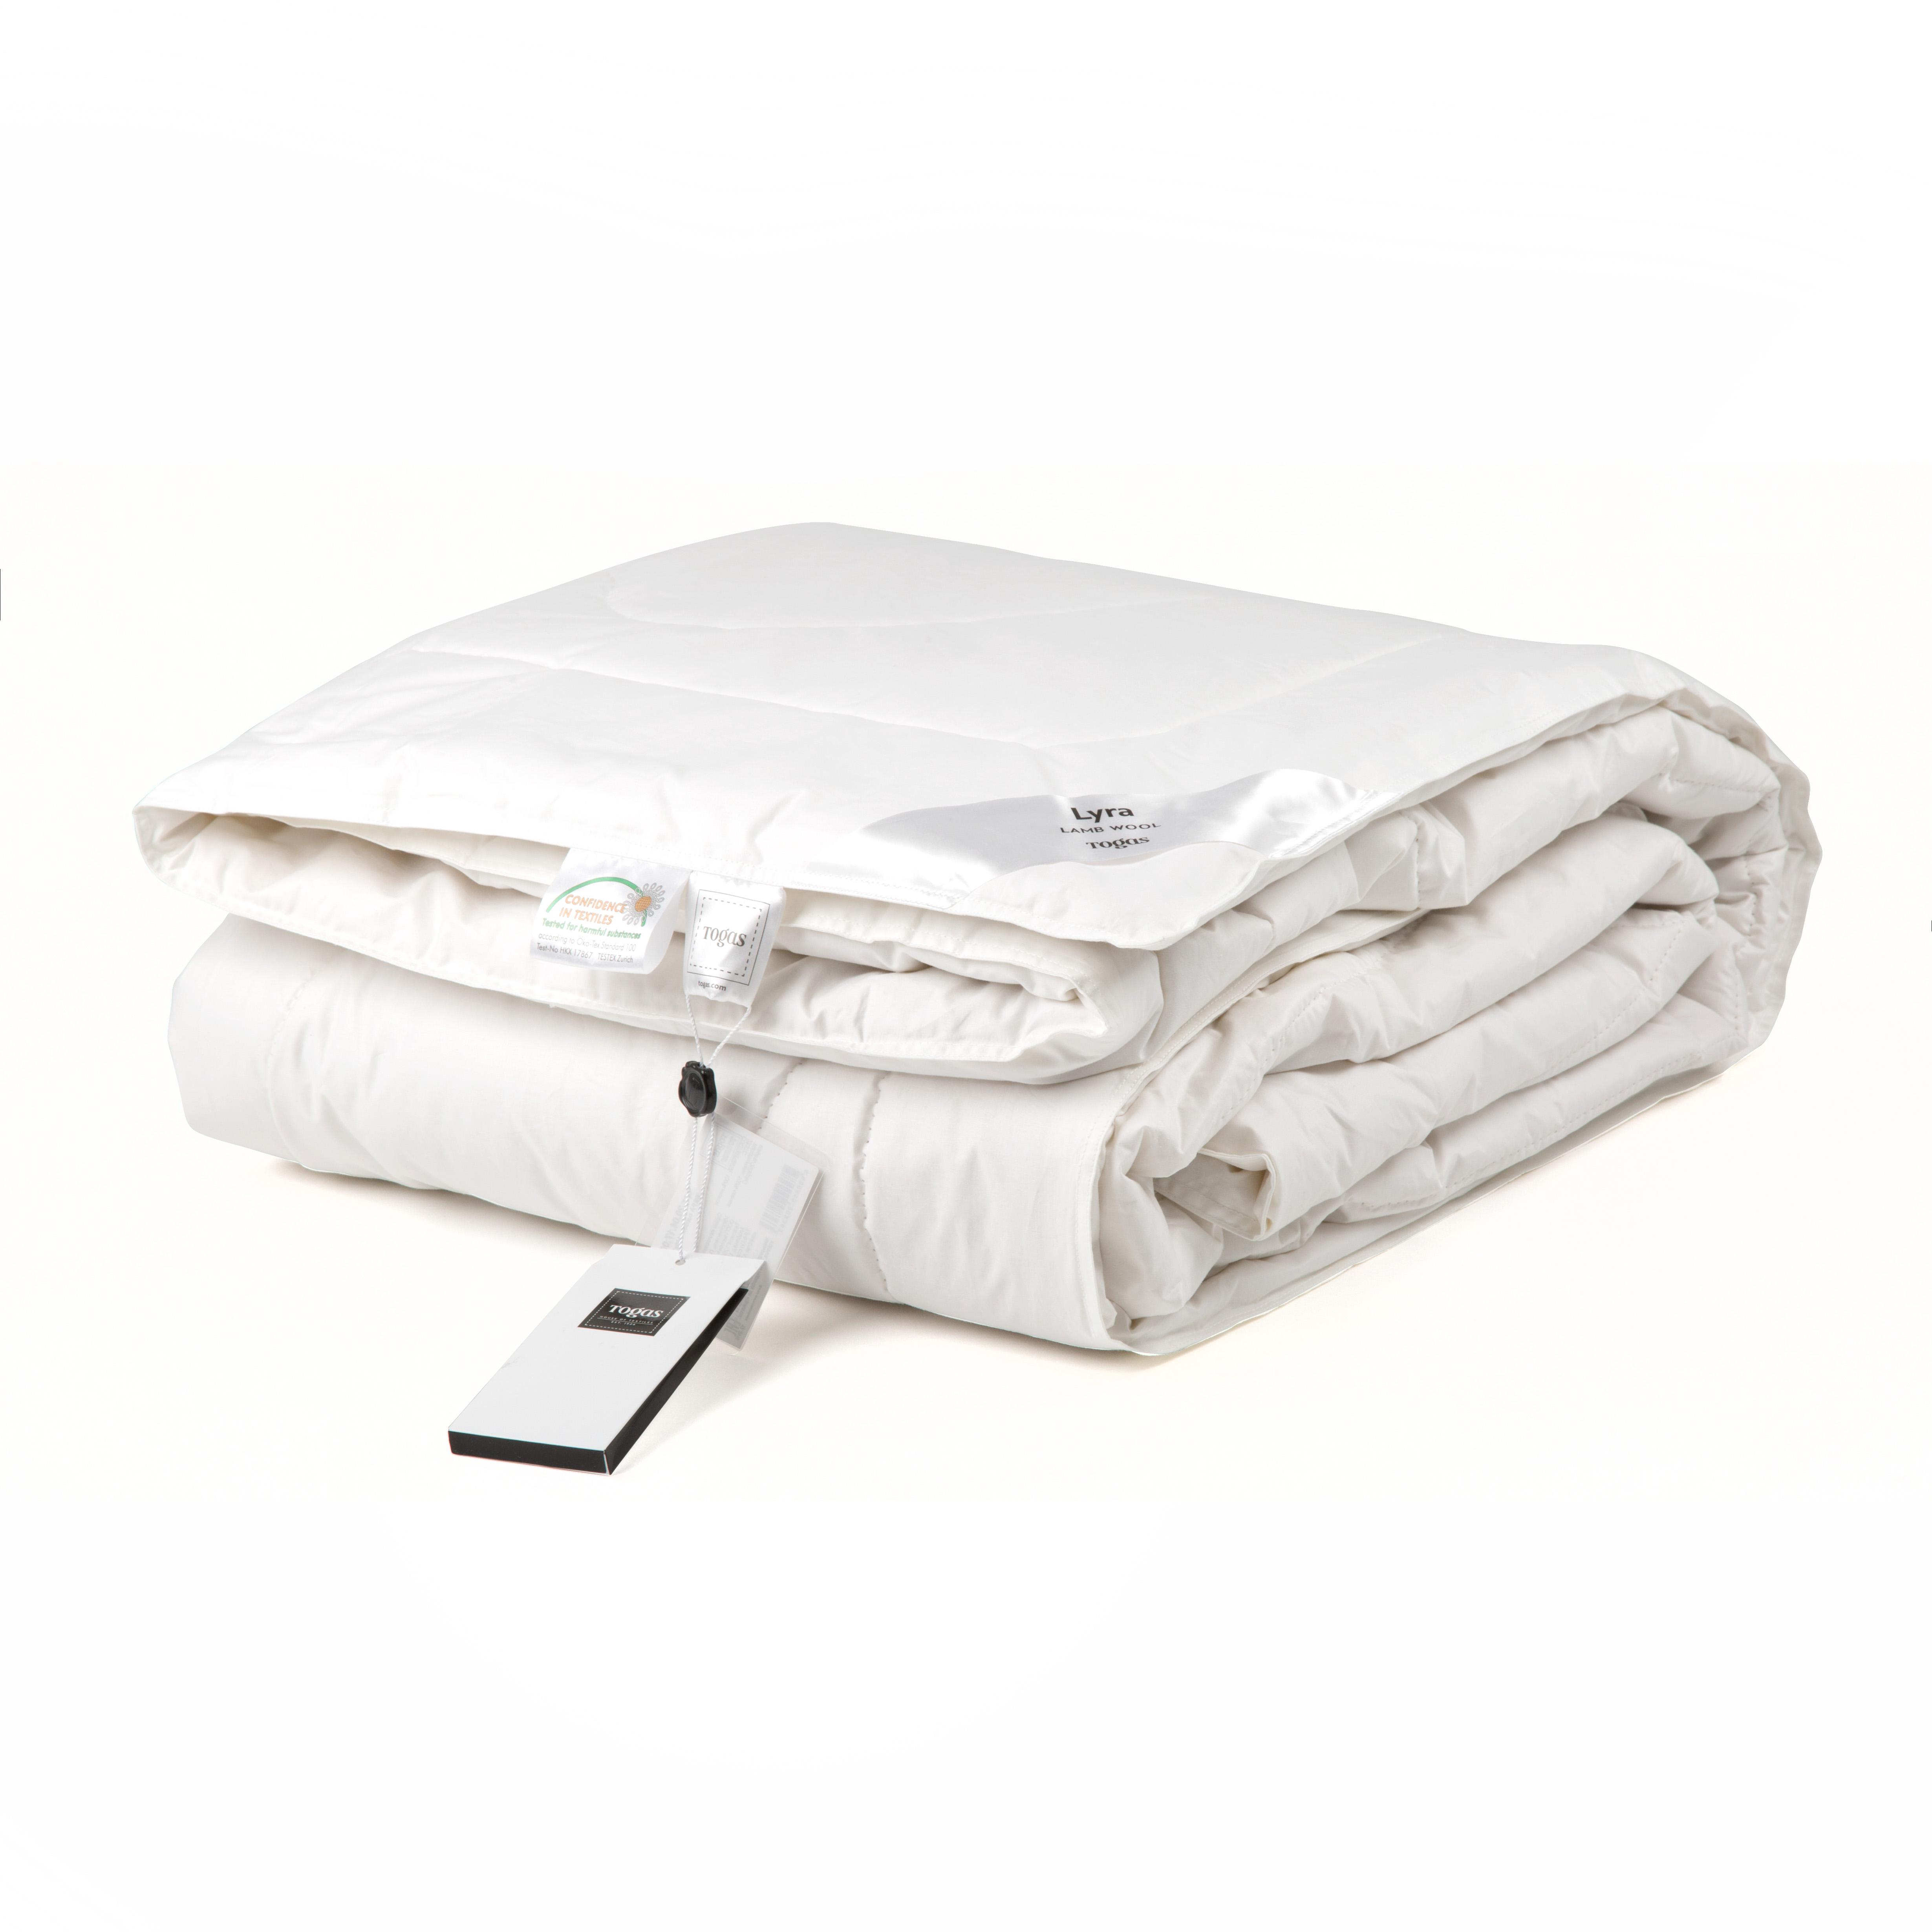 где купить Одеяла Togas Одеяло Лира (200х210 см) по лучшей цене